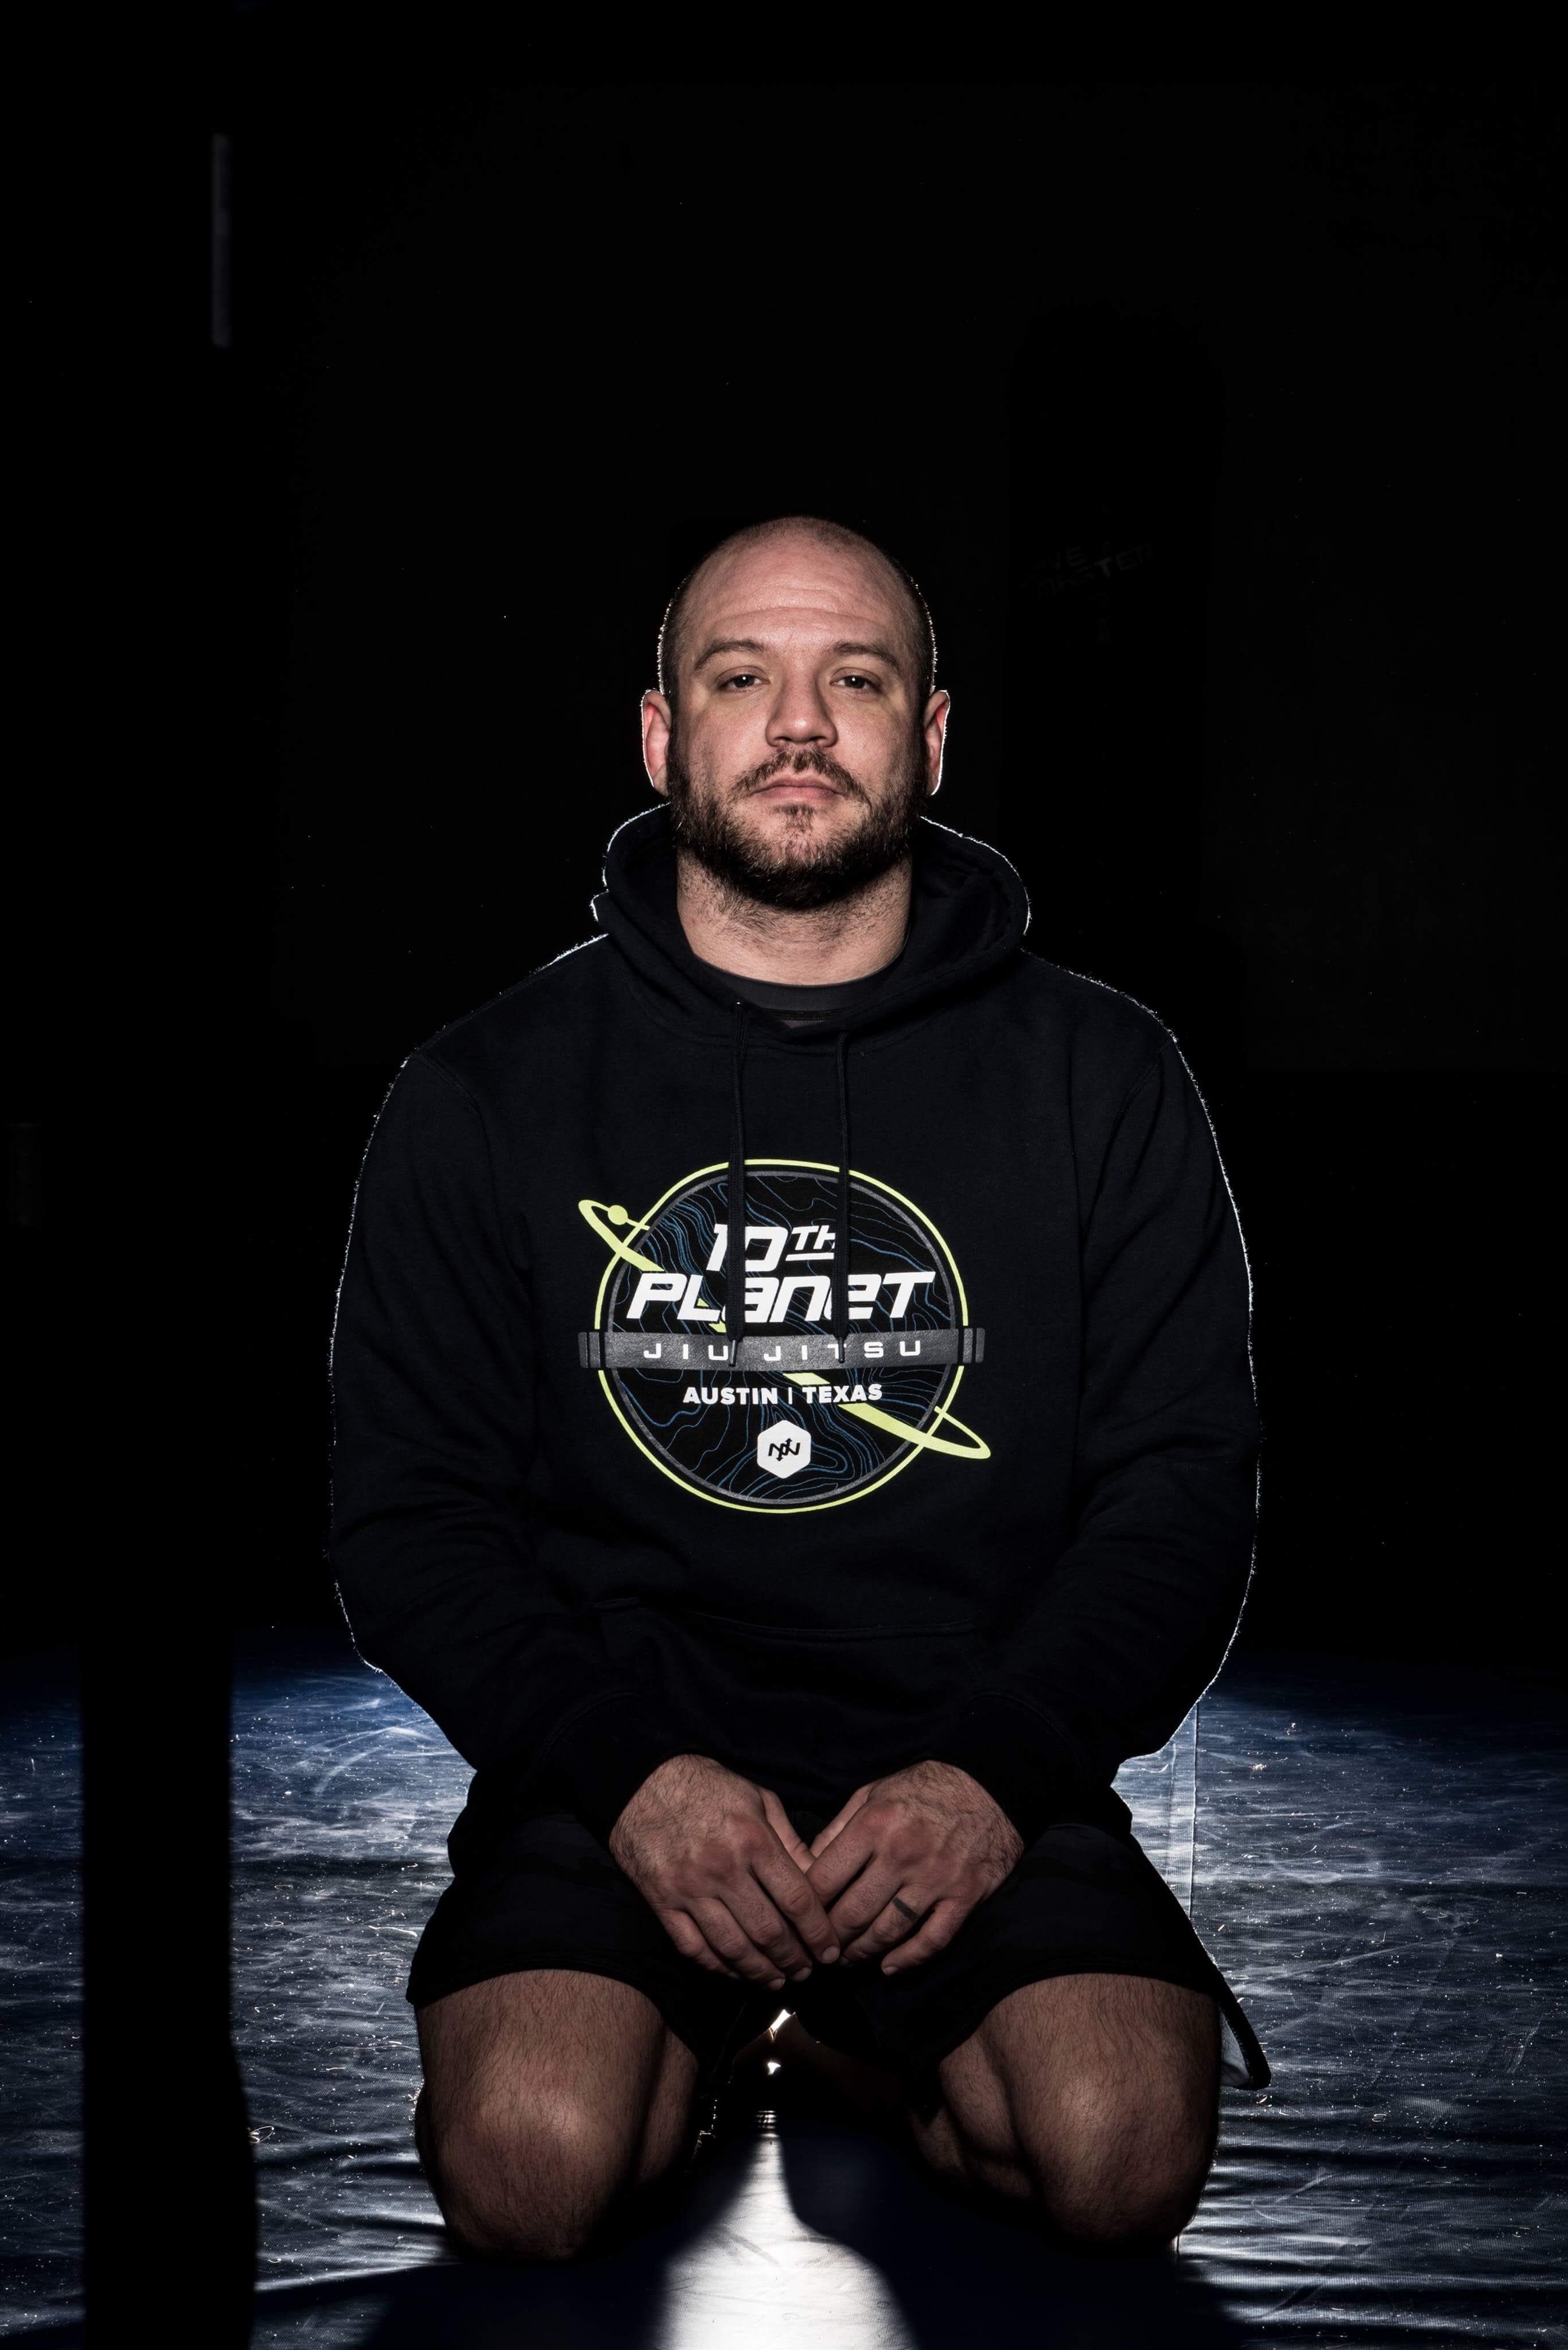 Brandon Mccaghren in Decatur - 10th Planet Jiu Jitsu Decatur